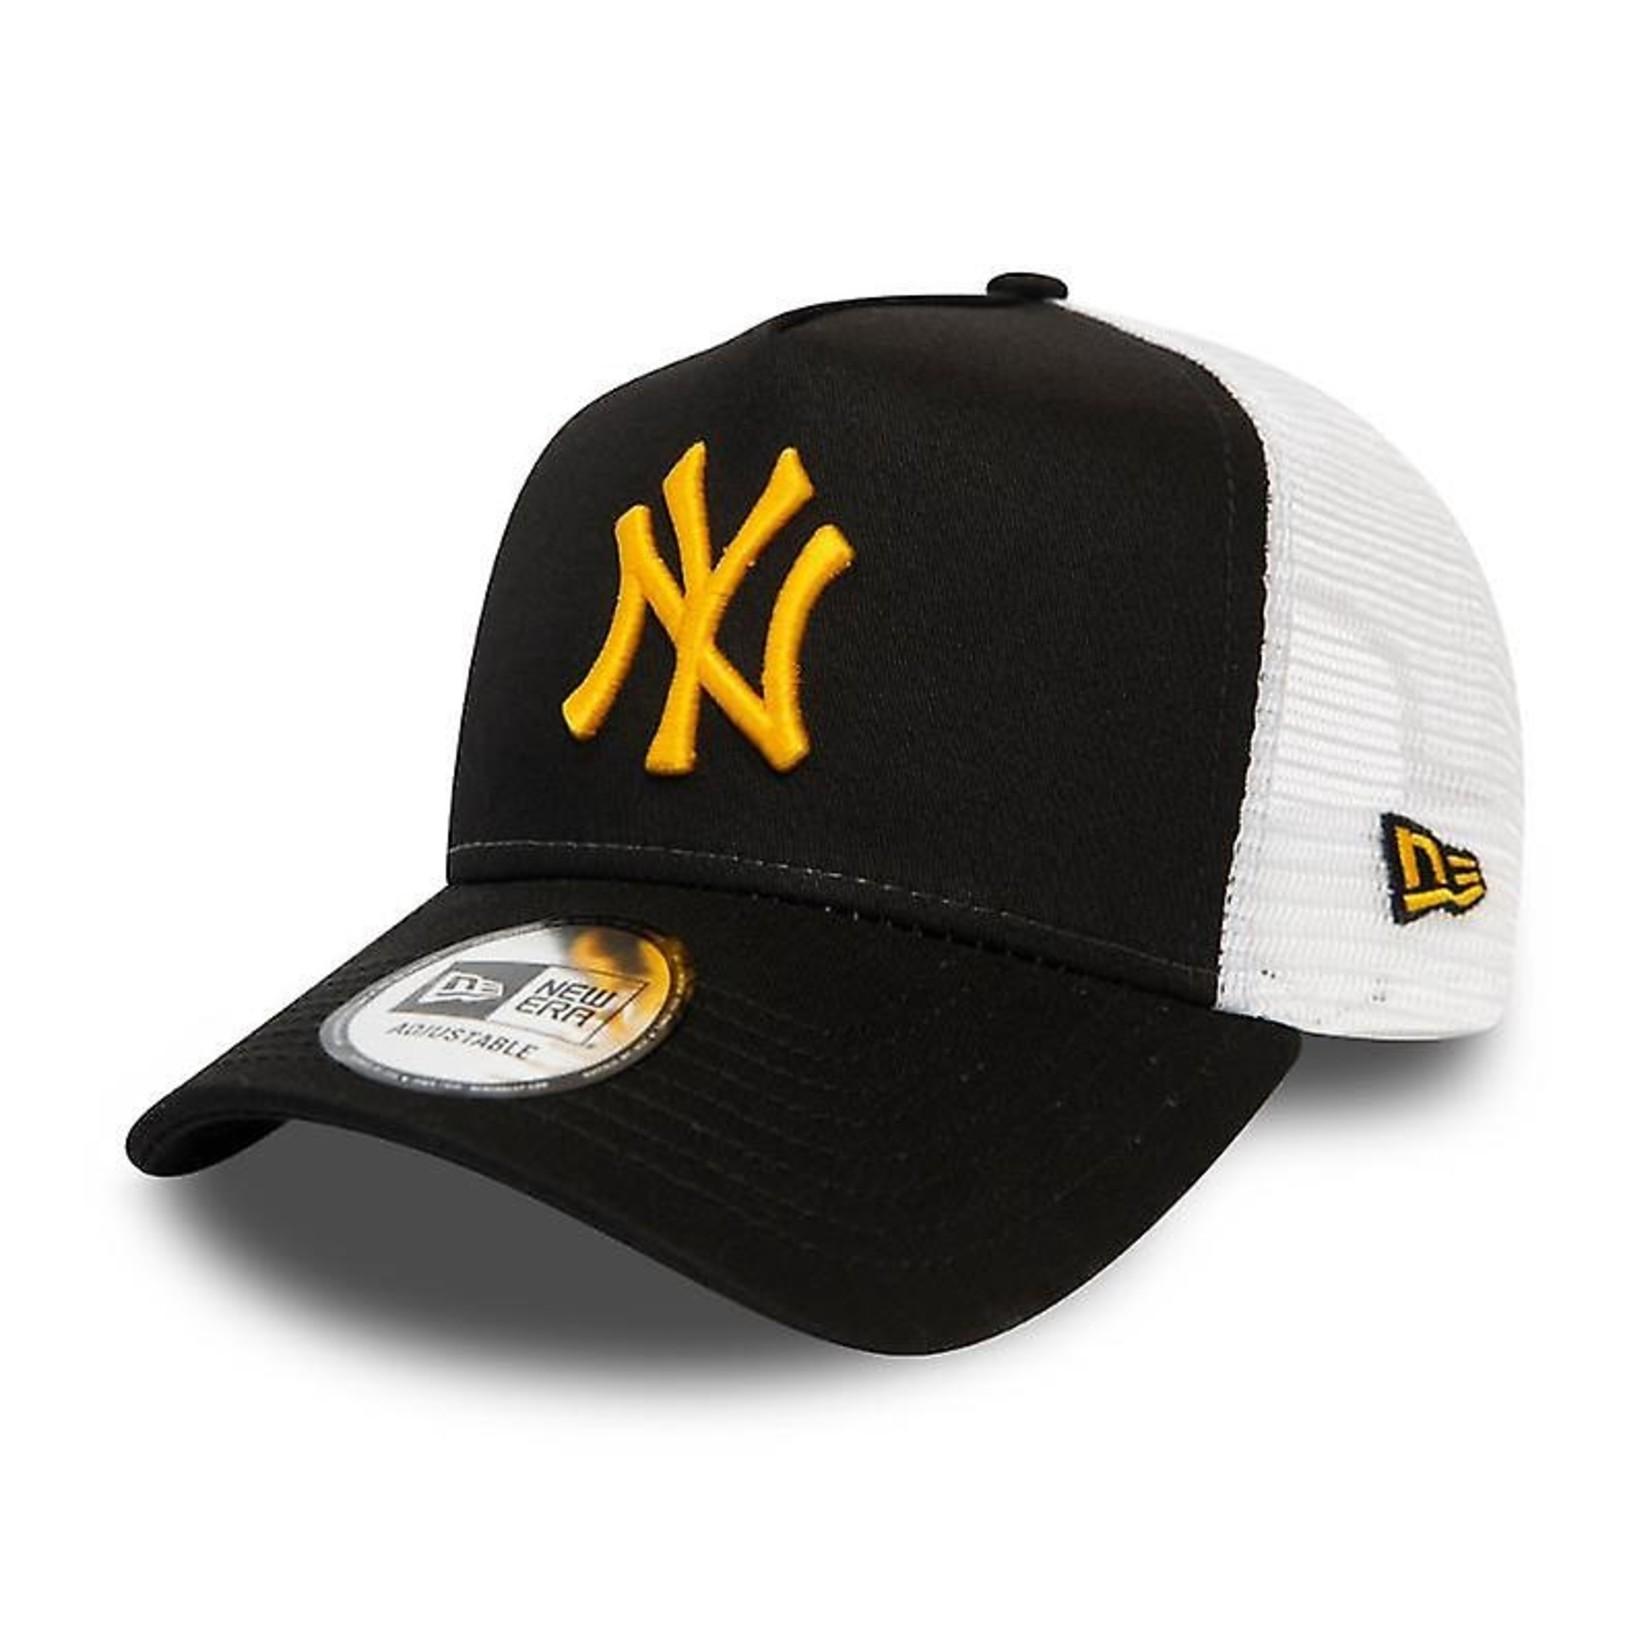 New Era NY Trucker Black/Yellow adjustable